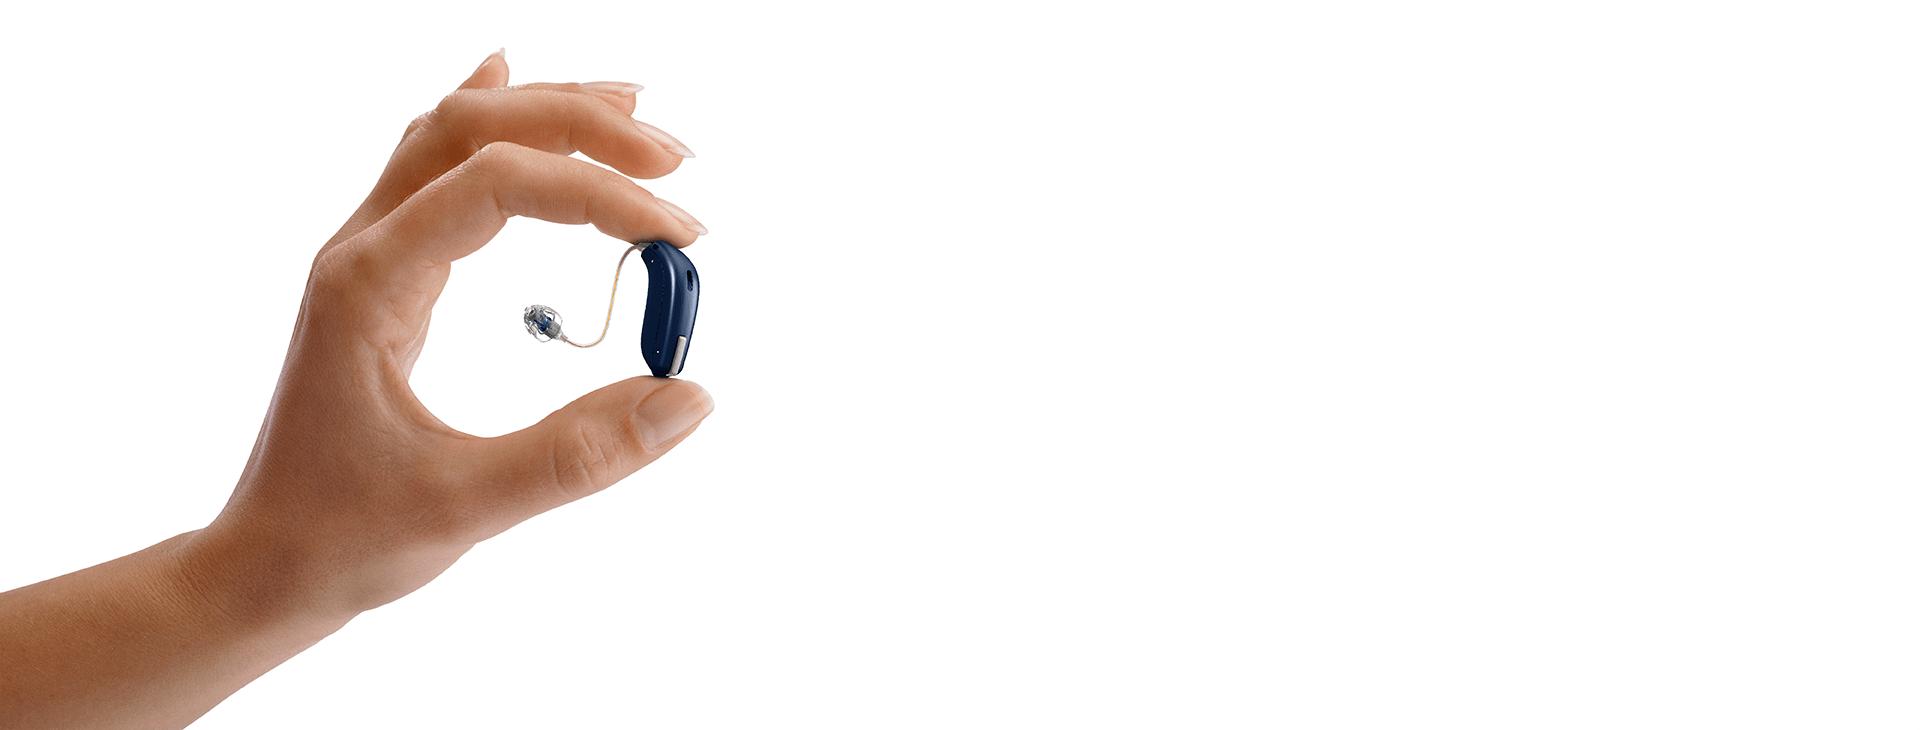 oticon opn aide auditive connectée dans main